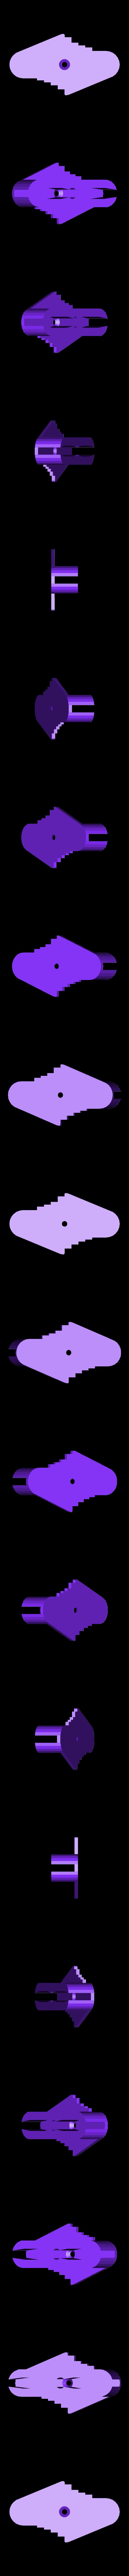 Rockler-Type_Center-Offset_Marking_Tool_Part_2.stl Télécharger fichier STL gratuit Outil de marquage à décalage central de type Rockler (mm métrique) - avec aimants • Design imprimable en 3D, HowardB